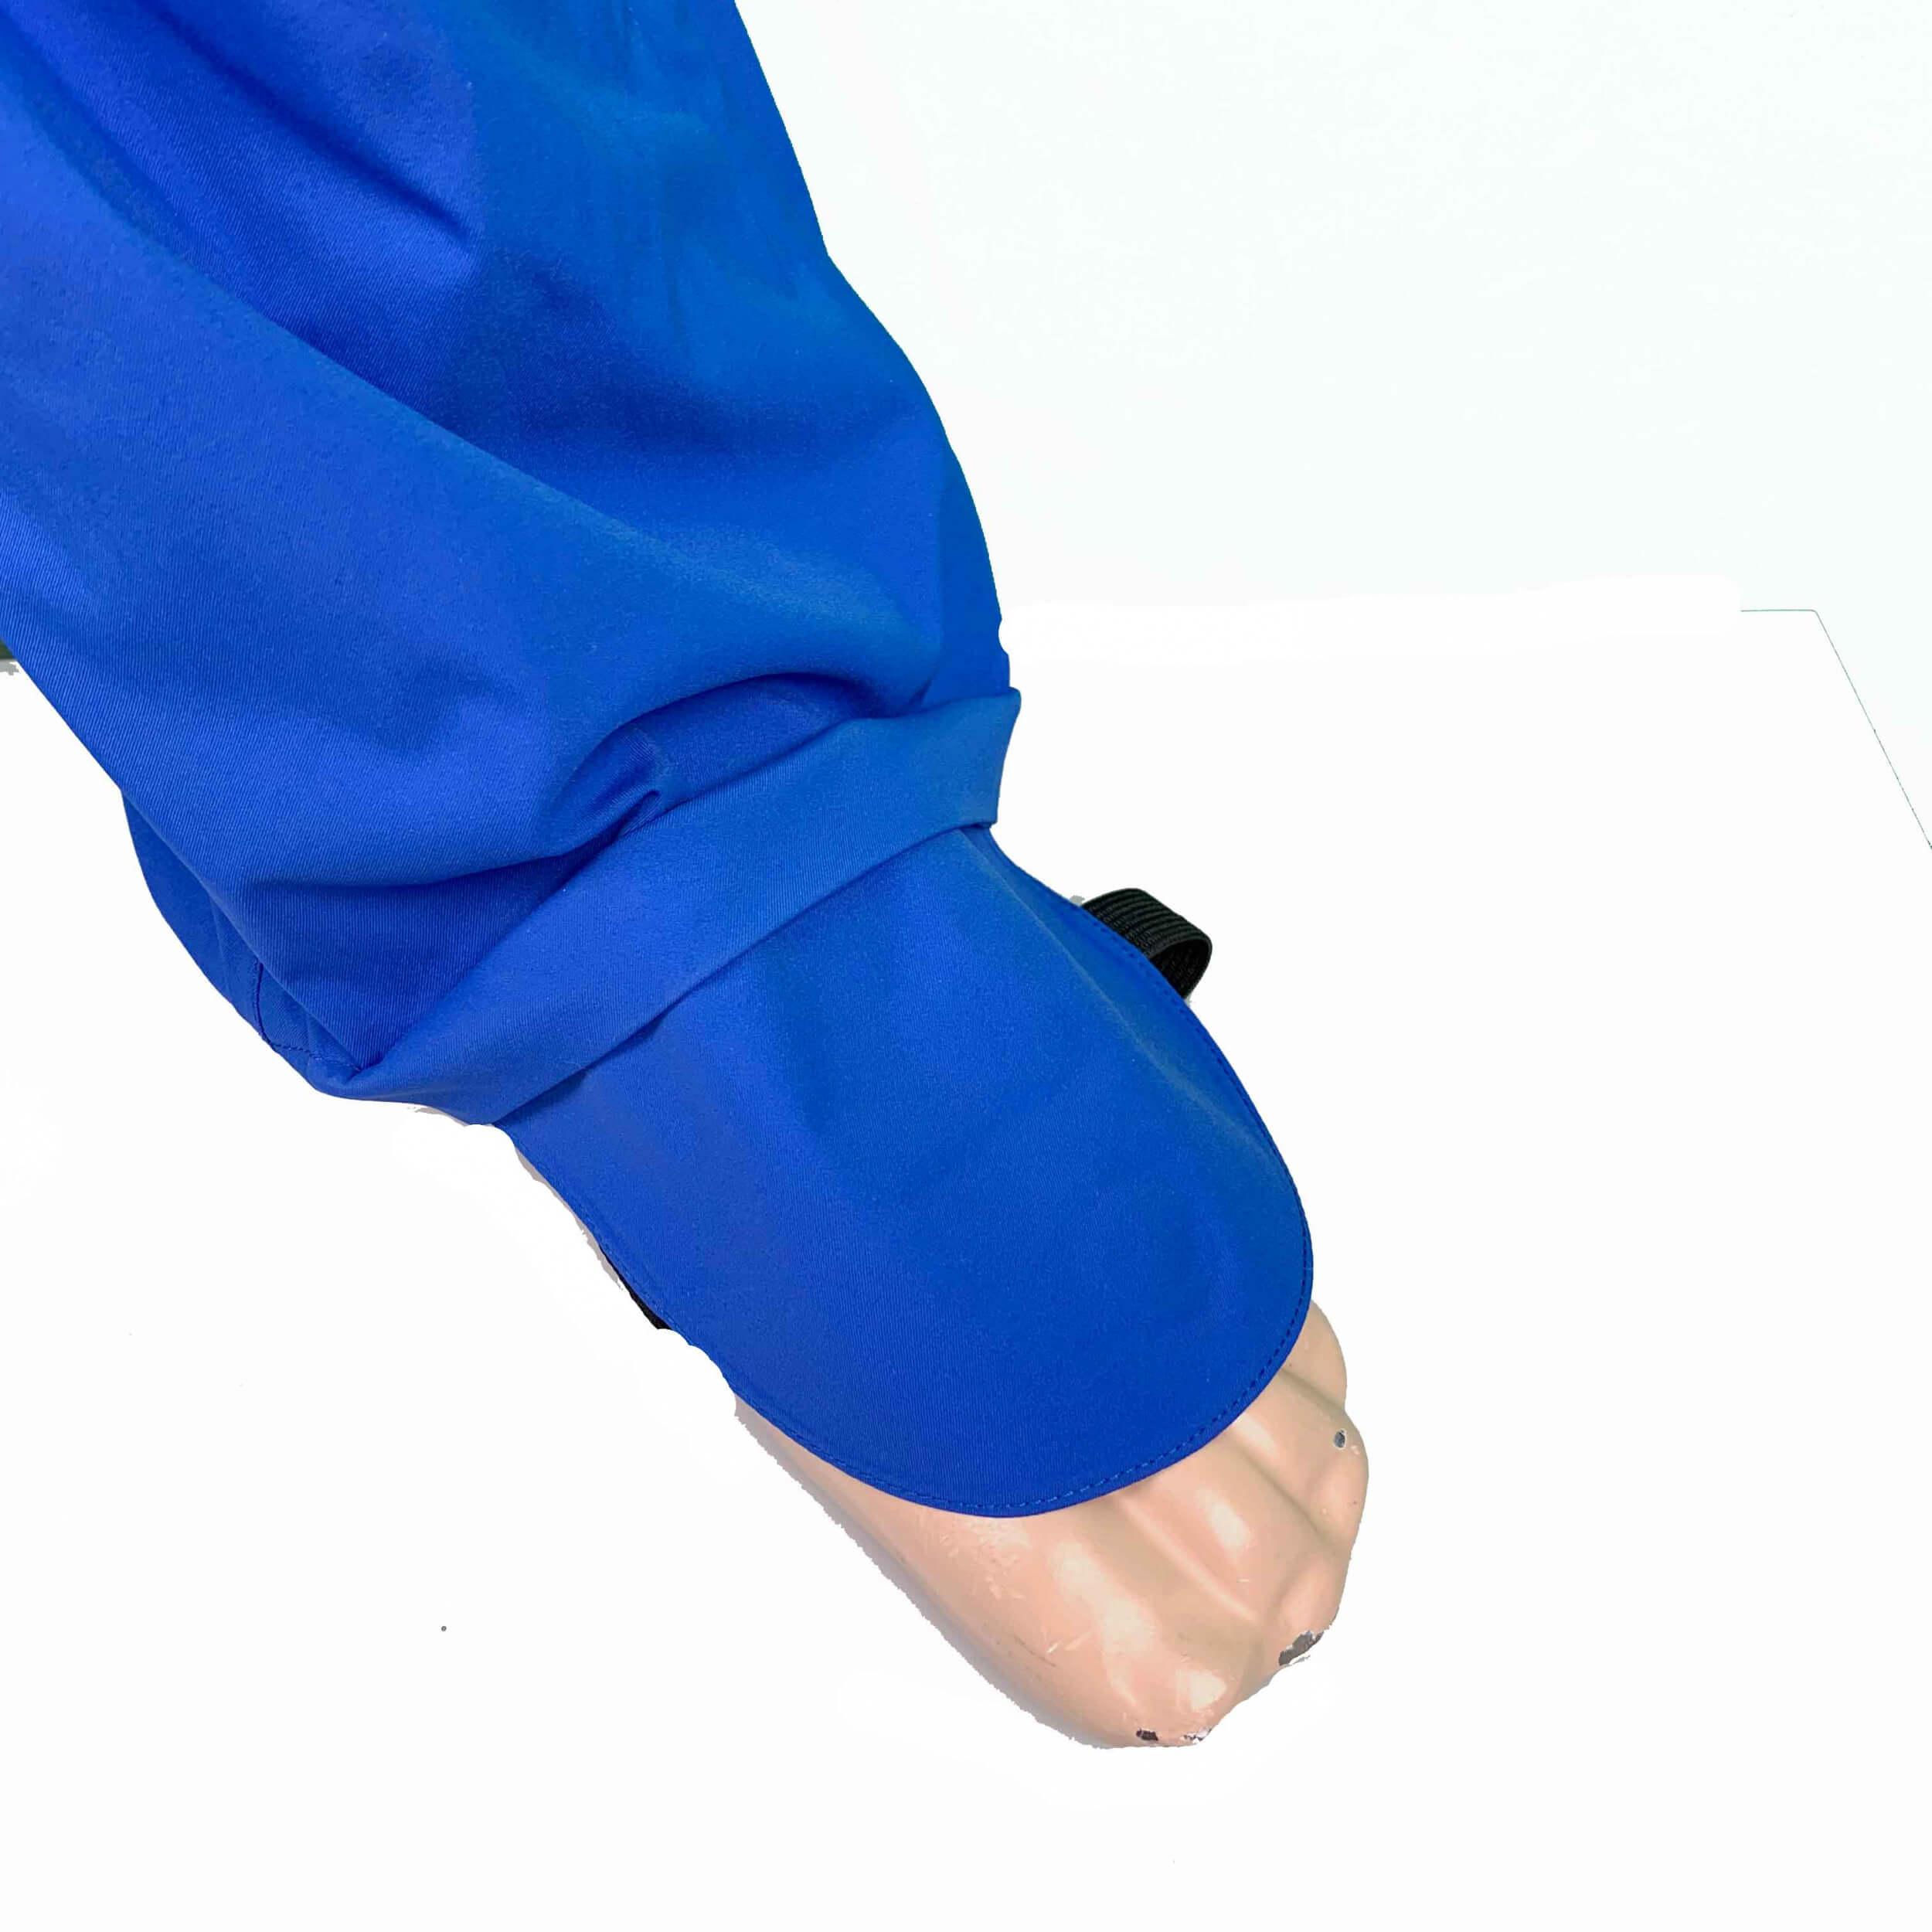 Chervo Herren Regenhose Sung AQUA BLOCK blau 594